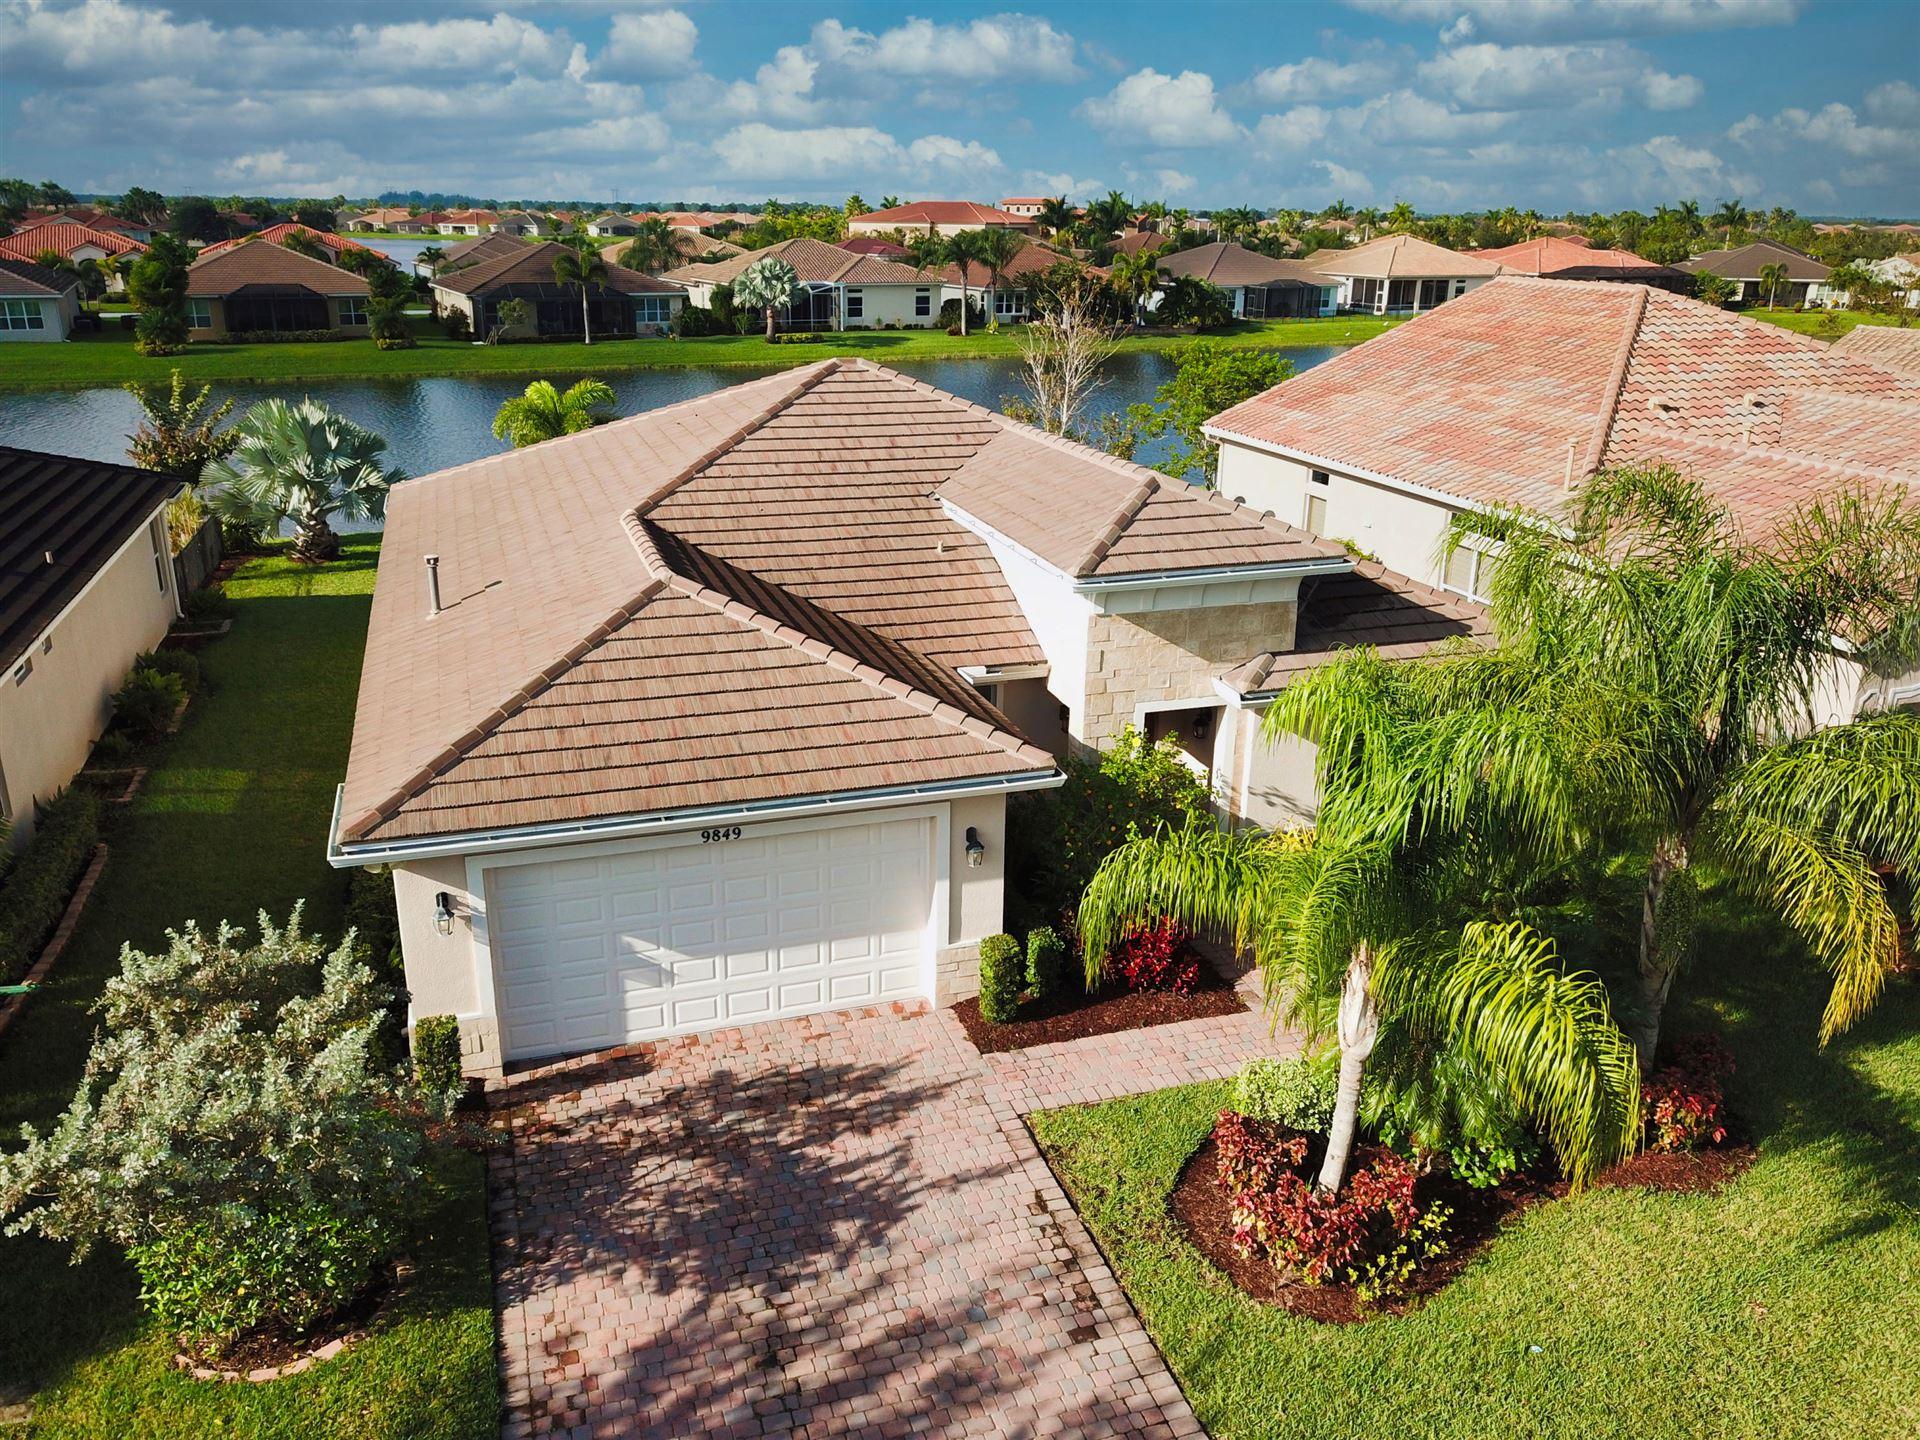 9849 SW Carrotwood Circle, Port Saint Lucie, FL 34987 - #: RX-10671532